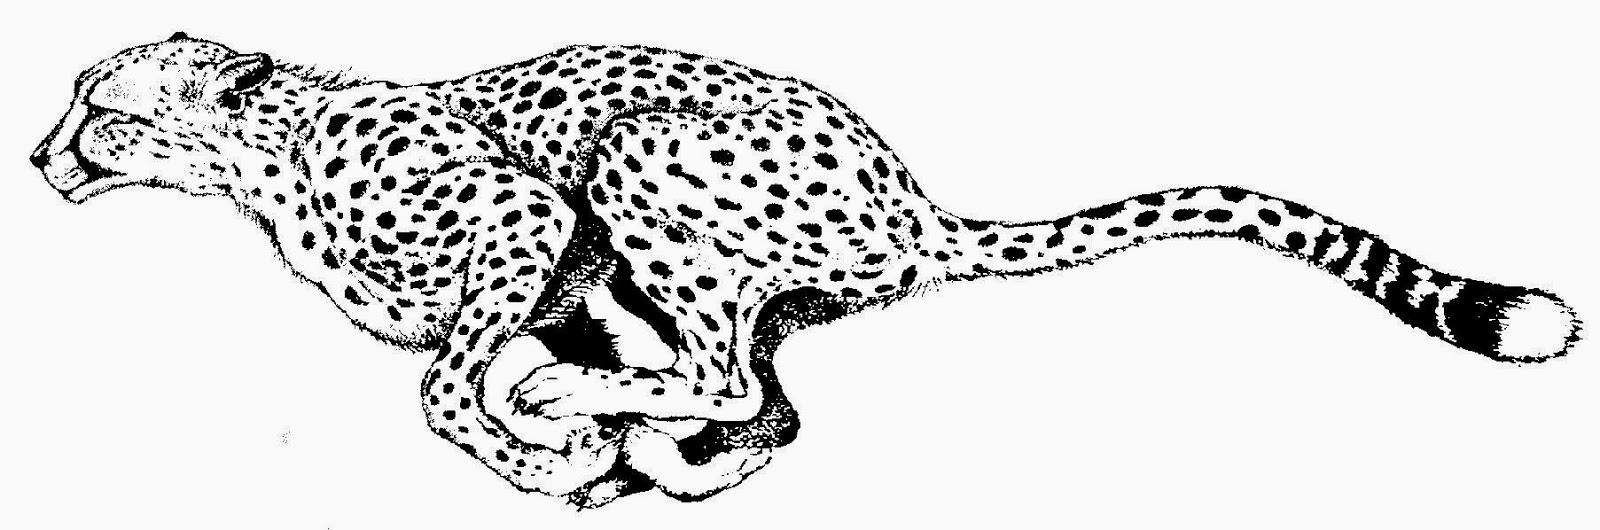 Cheetah clipart #3, Download drawings